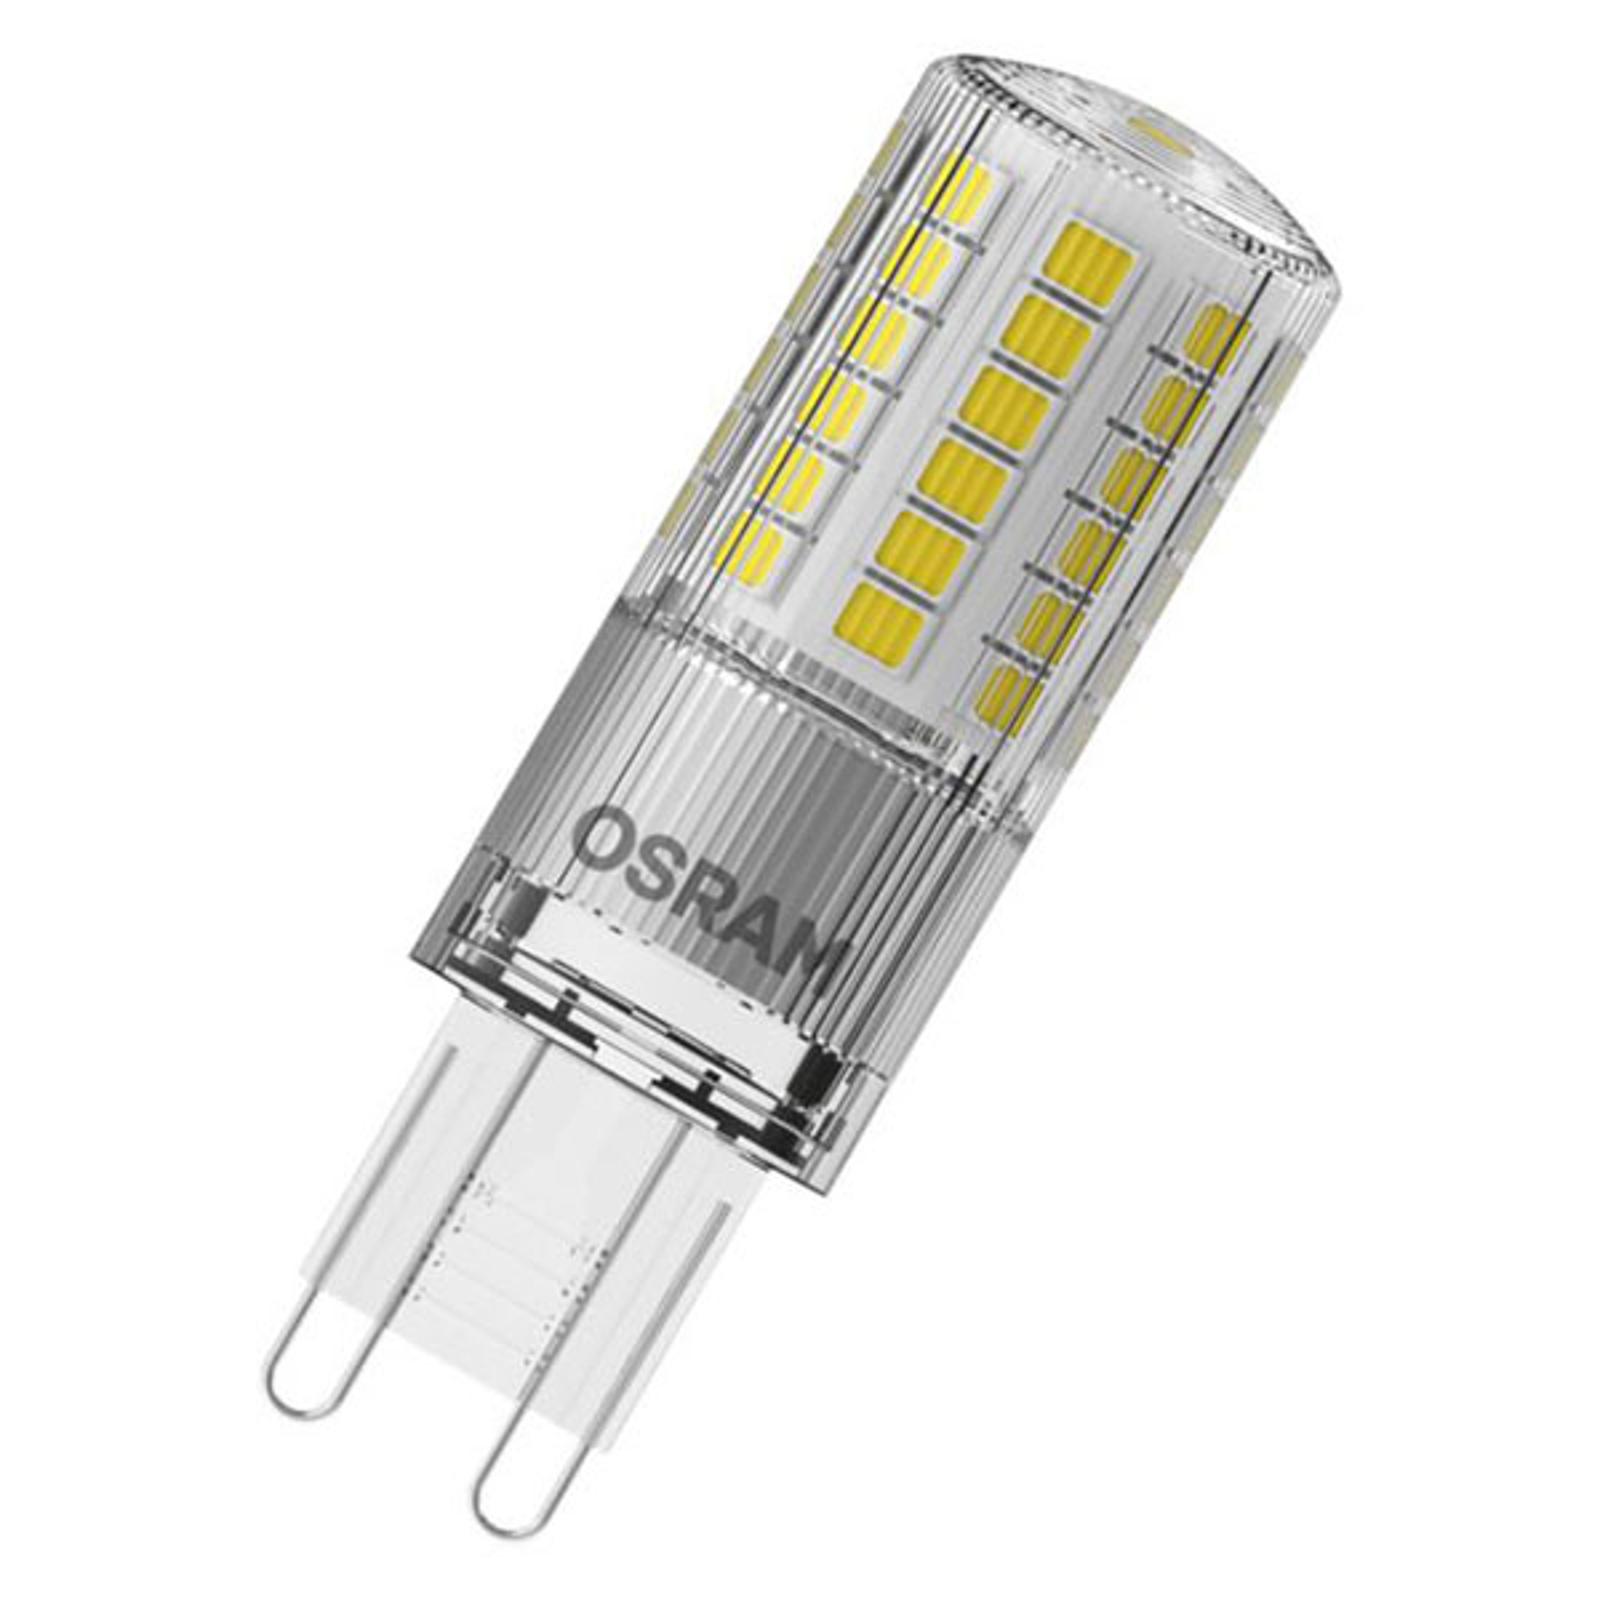 OSRAM ampoule à broche LED G9 4,8W 4000K transp